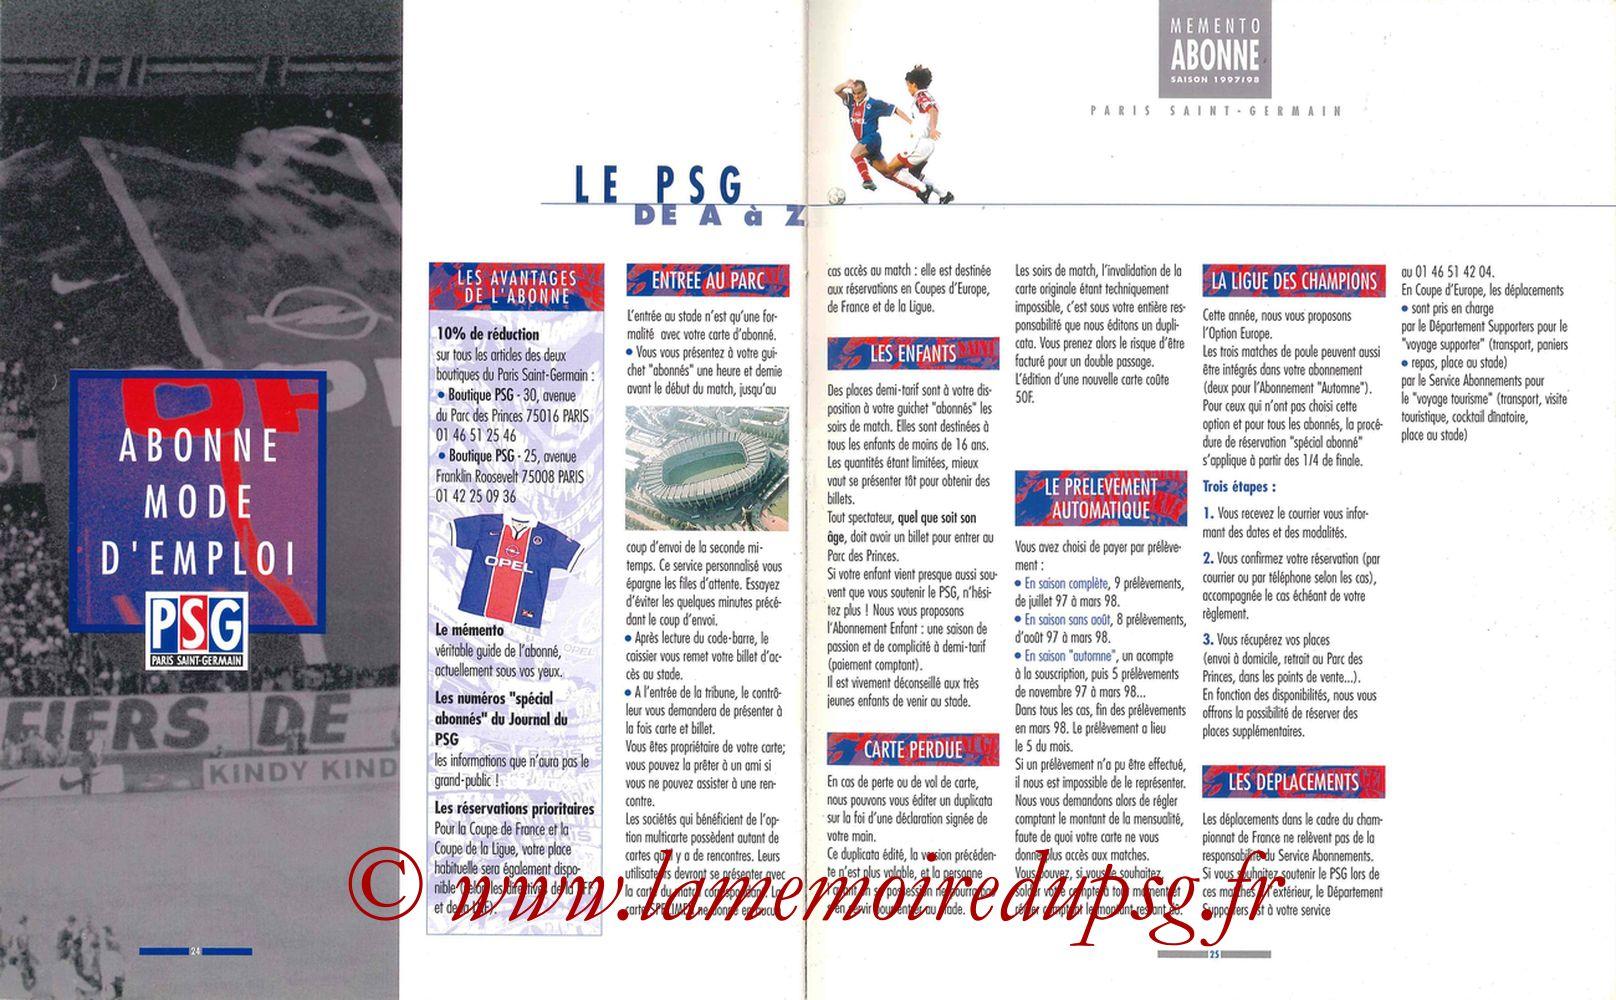 1997-98 - Guide de la Saison PSG - Pages 24 et 25